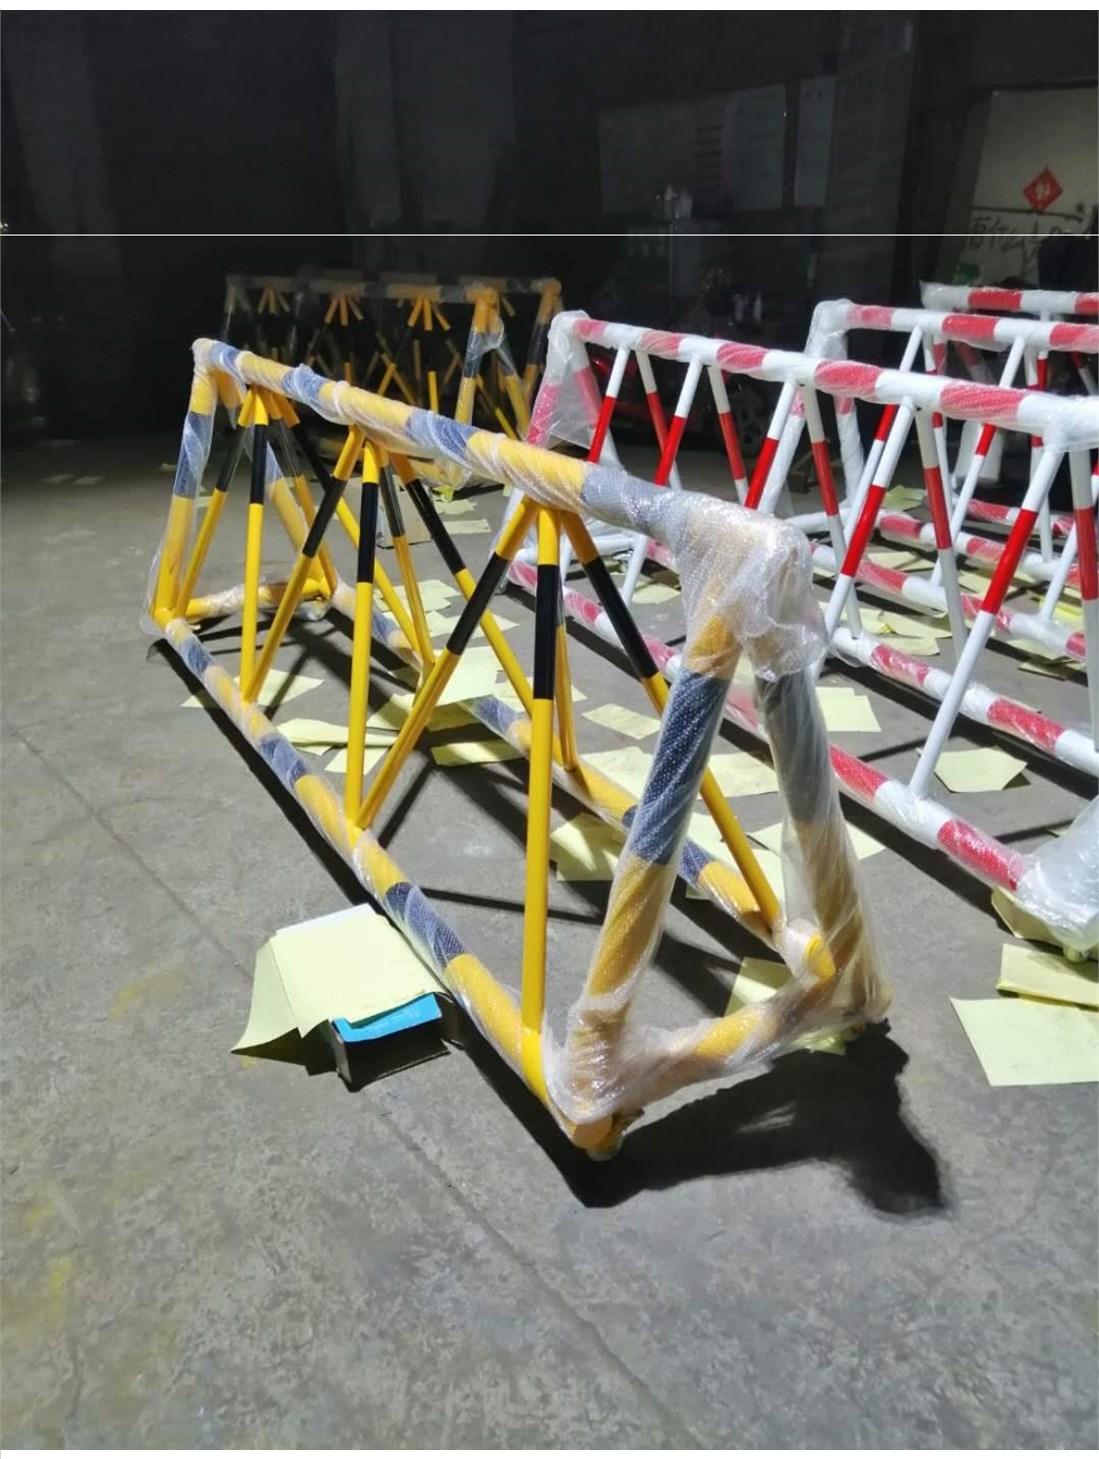 拒马路障防冲撞移动单位护栏杆幼儿园学校门交通服务设施路口防暴